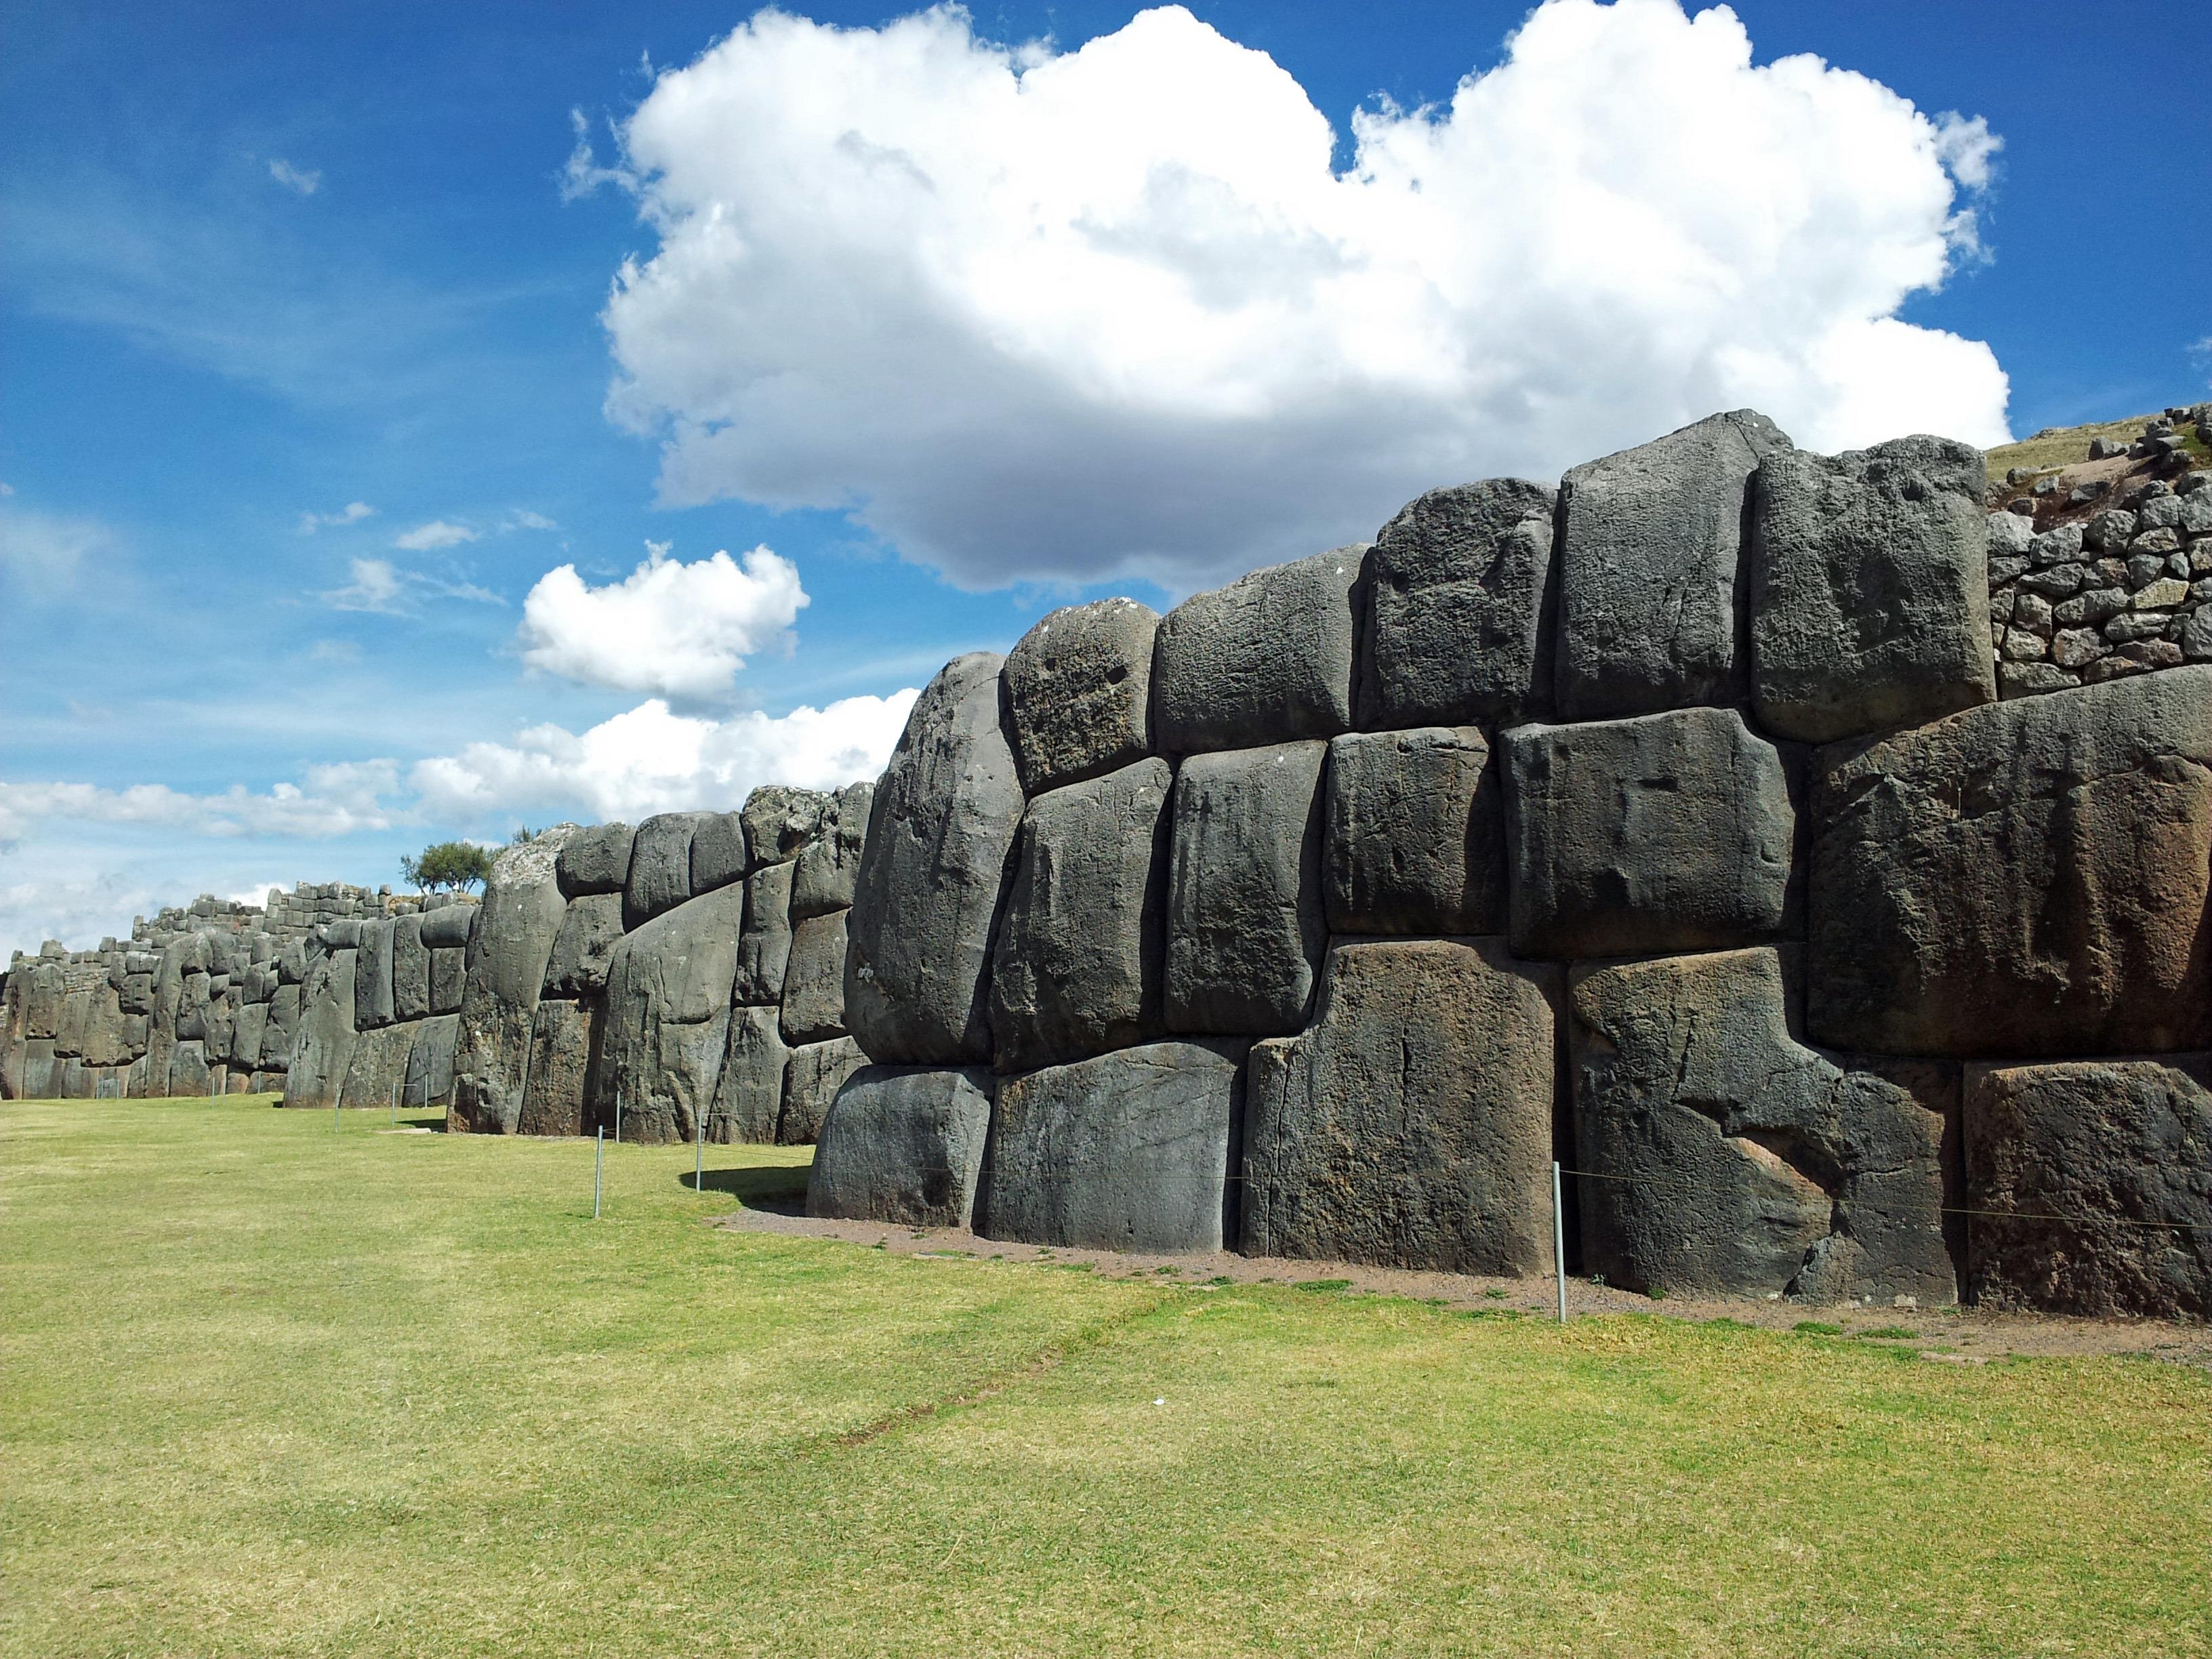 Peru, Cusco, www.pixabay.com